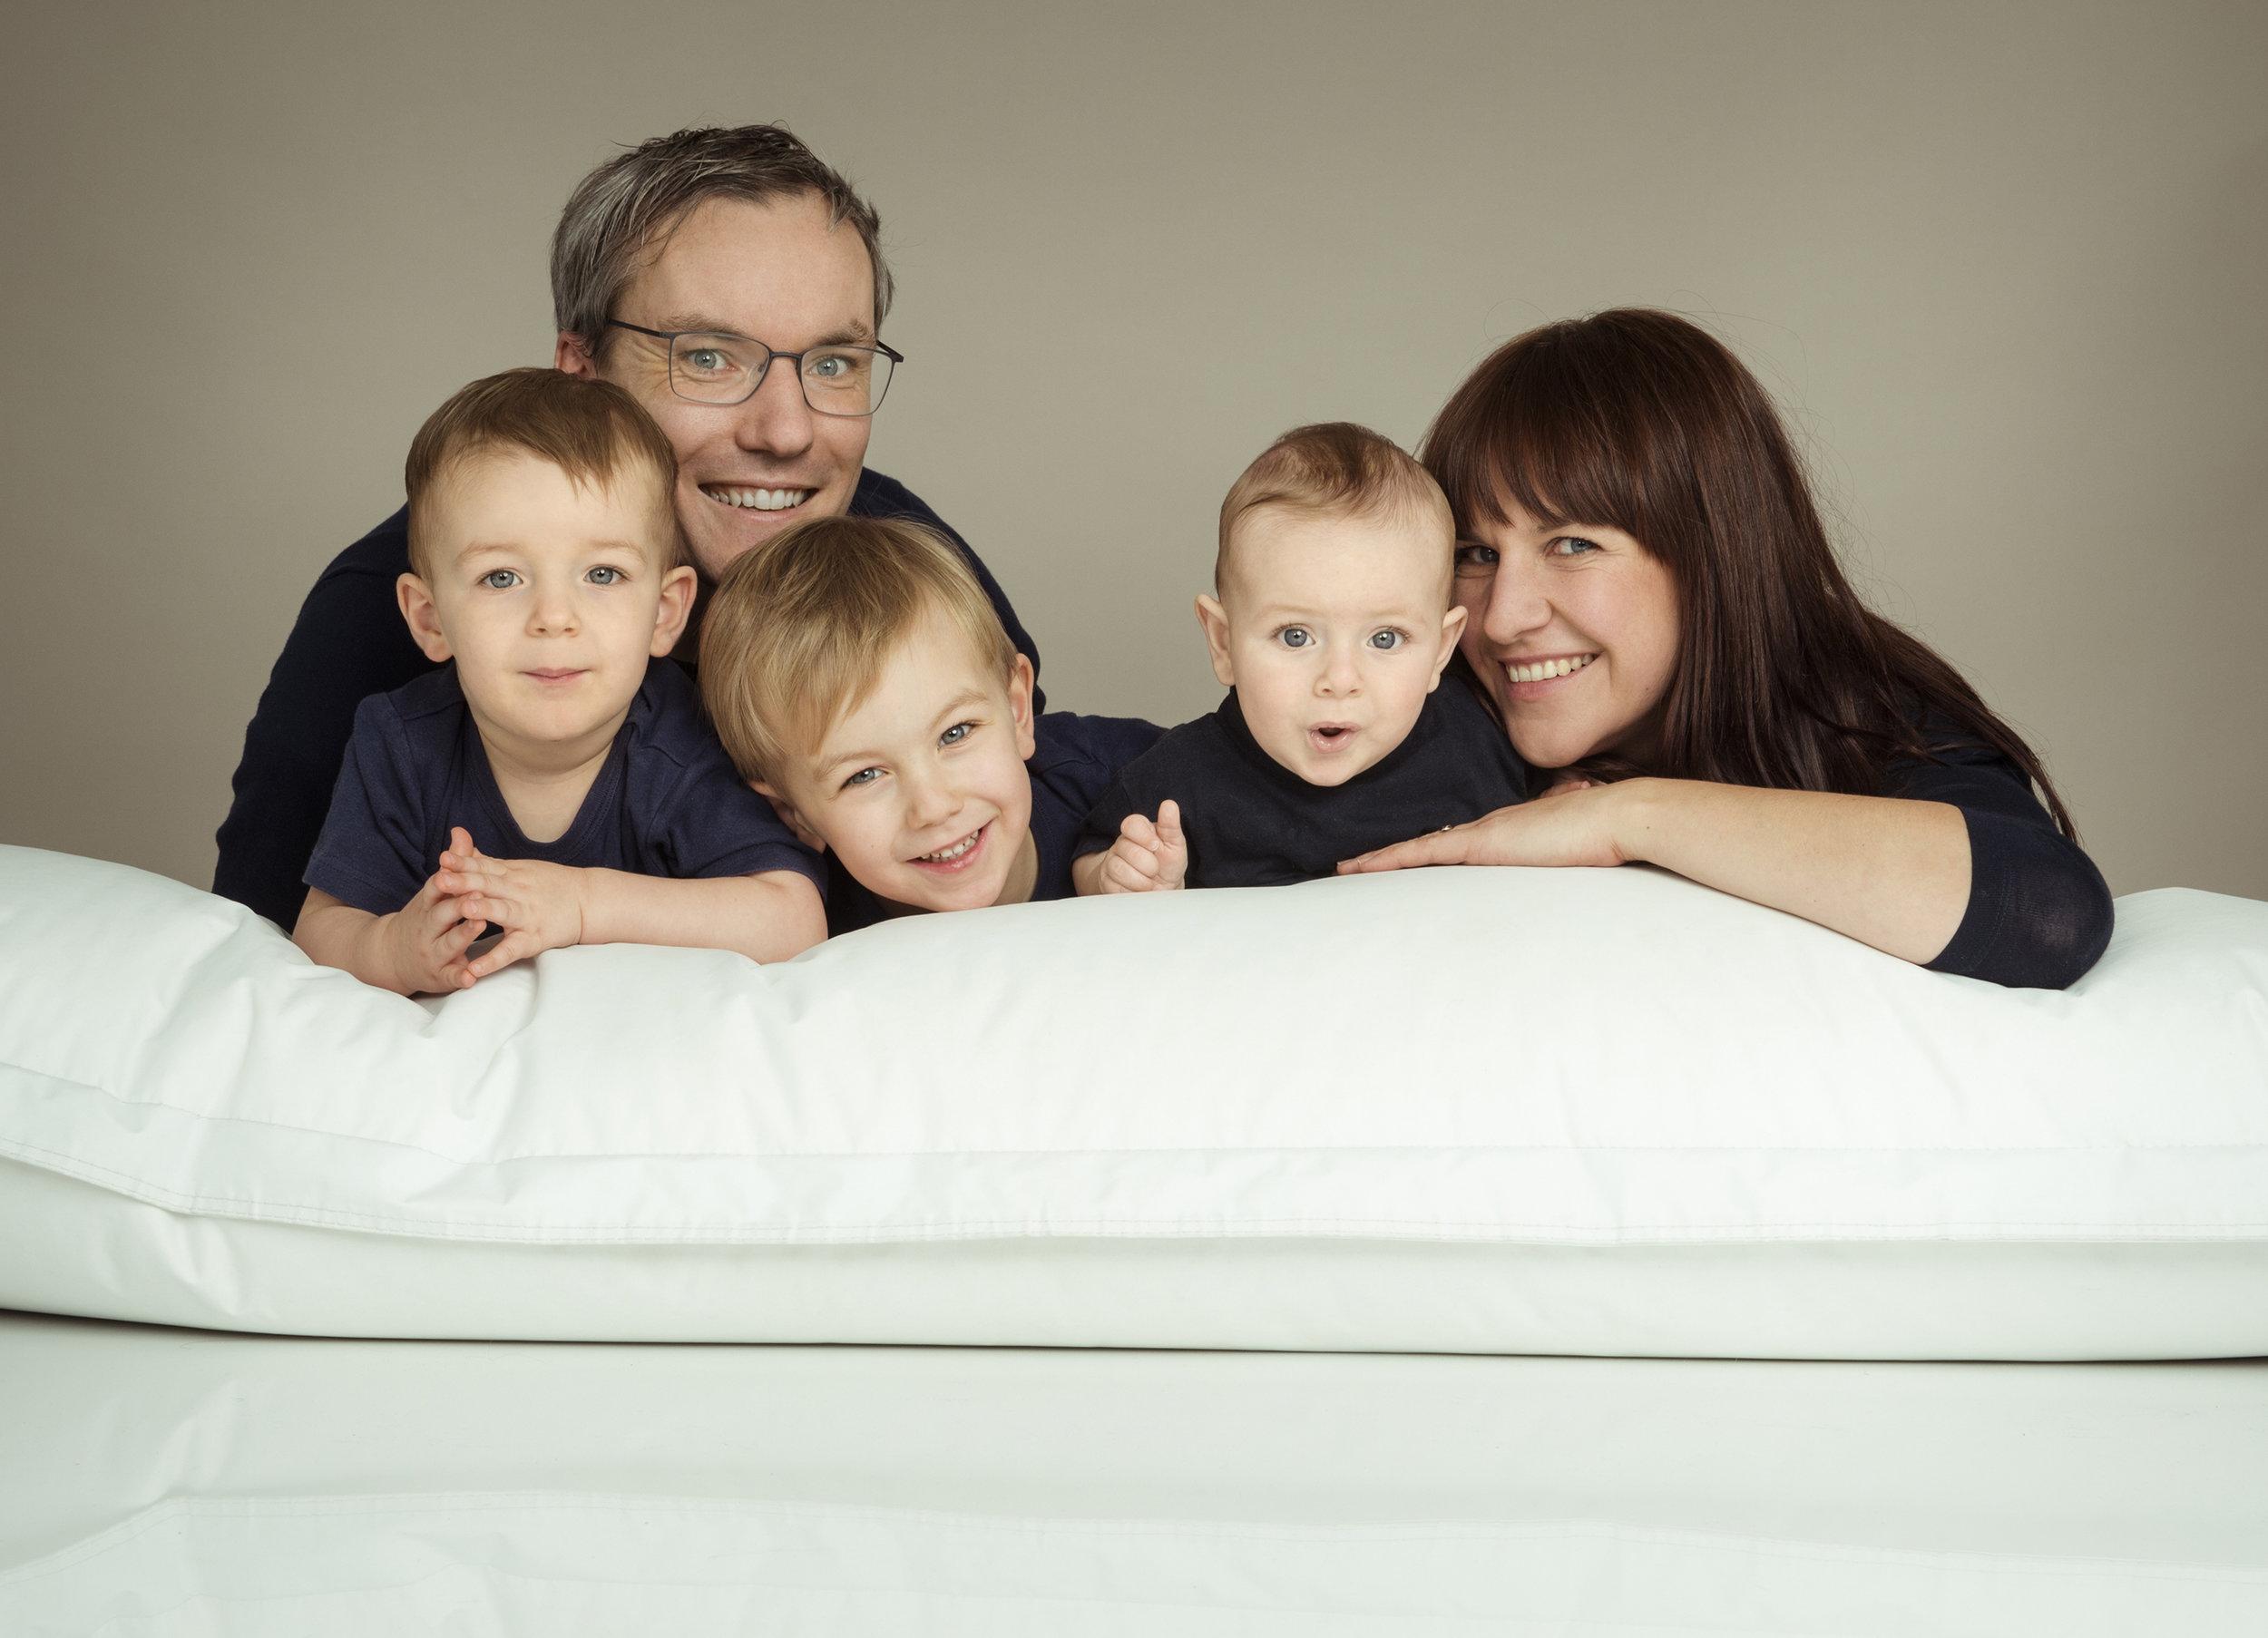 familienfoto-mit-den-drei-kindern.jpg